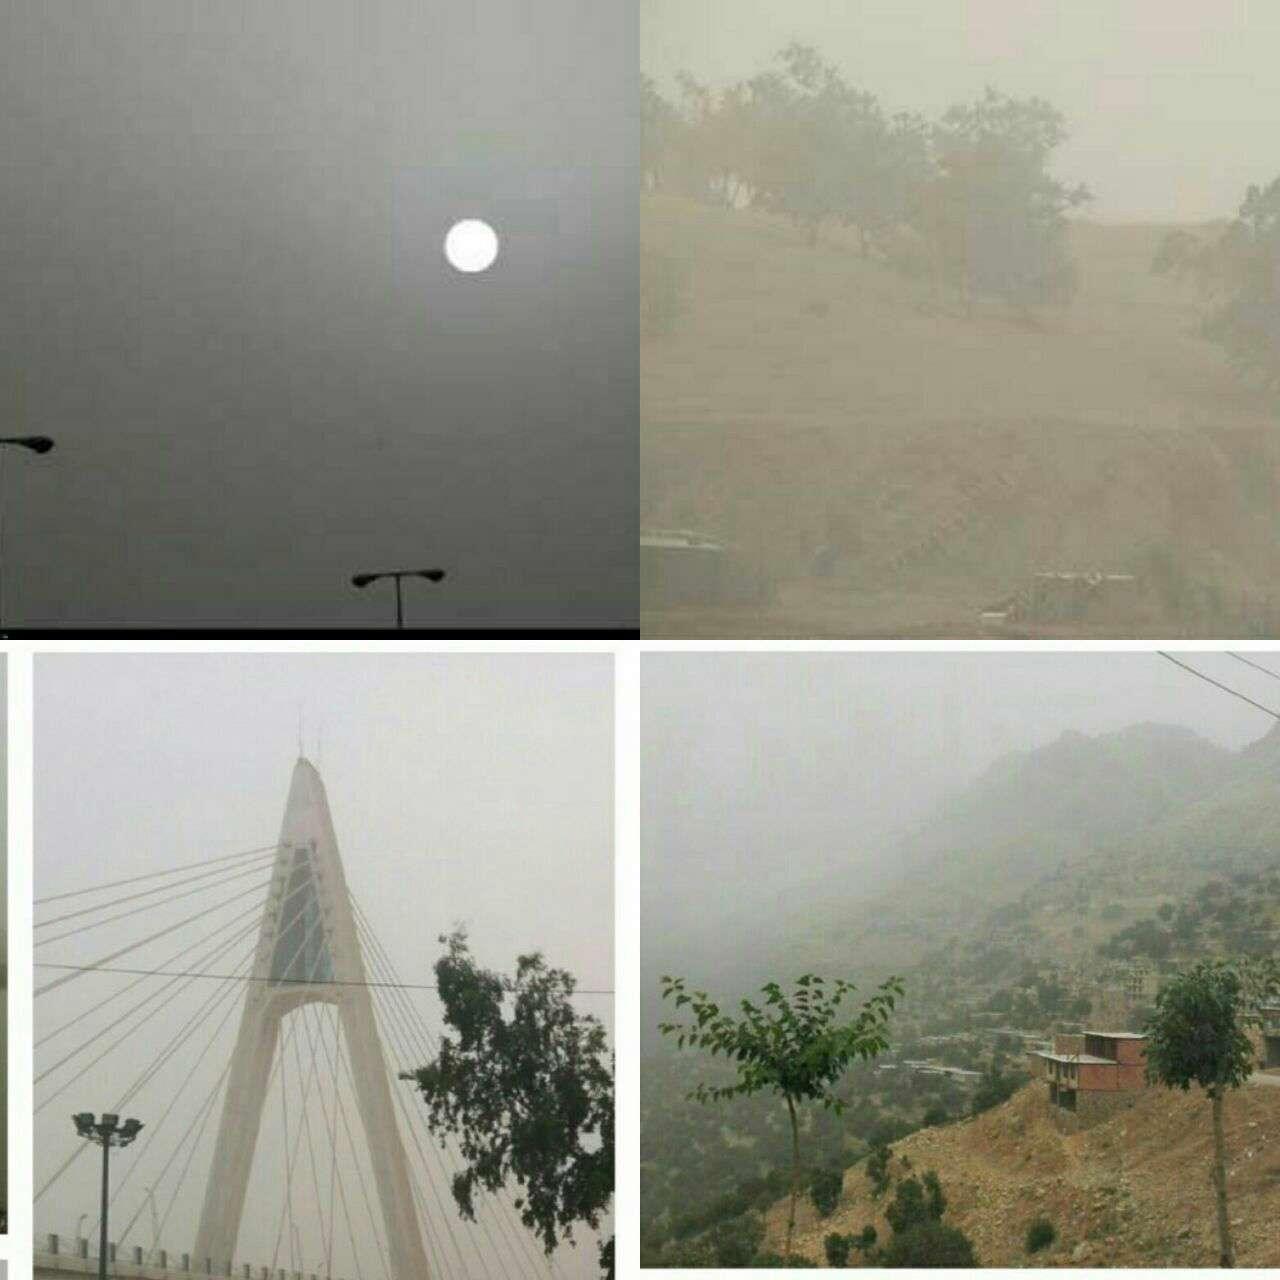 نمایی از آلودگی هوا در چهار شهر قصر شیرین، اورامان، کرمانشاه و اهواز